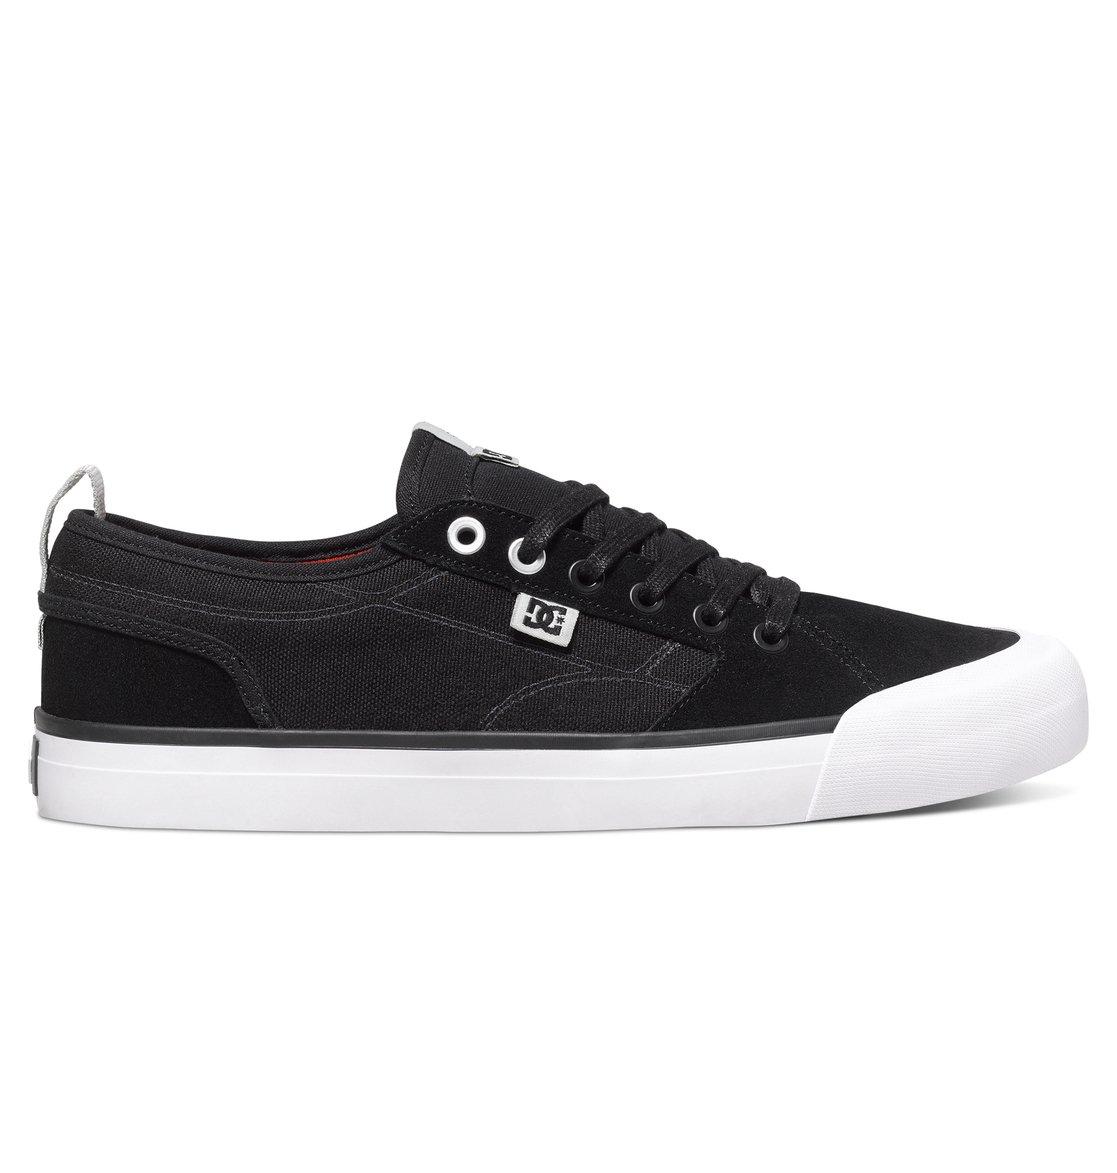 Здесь можно купить   Evan Smith S - Low-Top Shoes Новые поступления